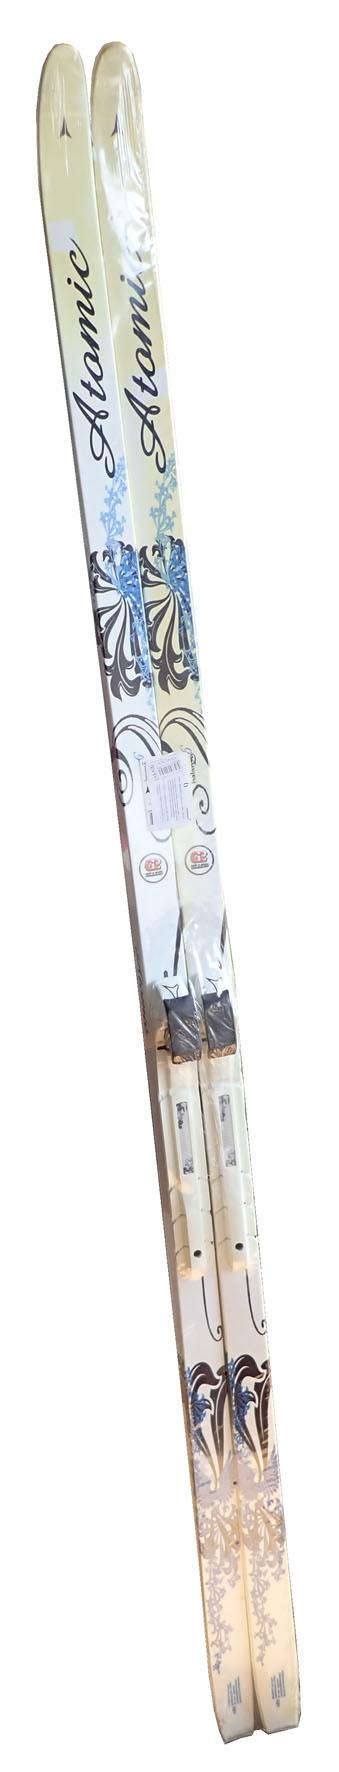 LSS/S-180 Běžecké lyže ATOMIC šupinaté s vázáním SNS - AKCE - SLEVA